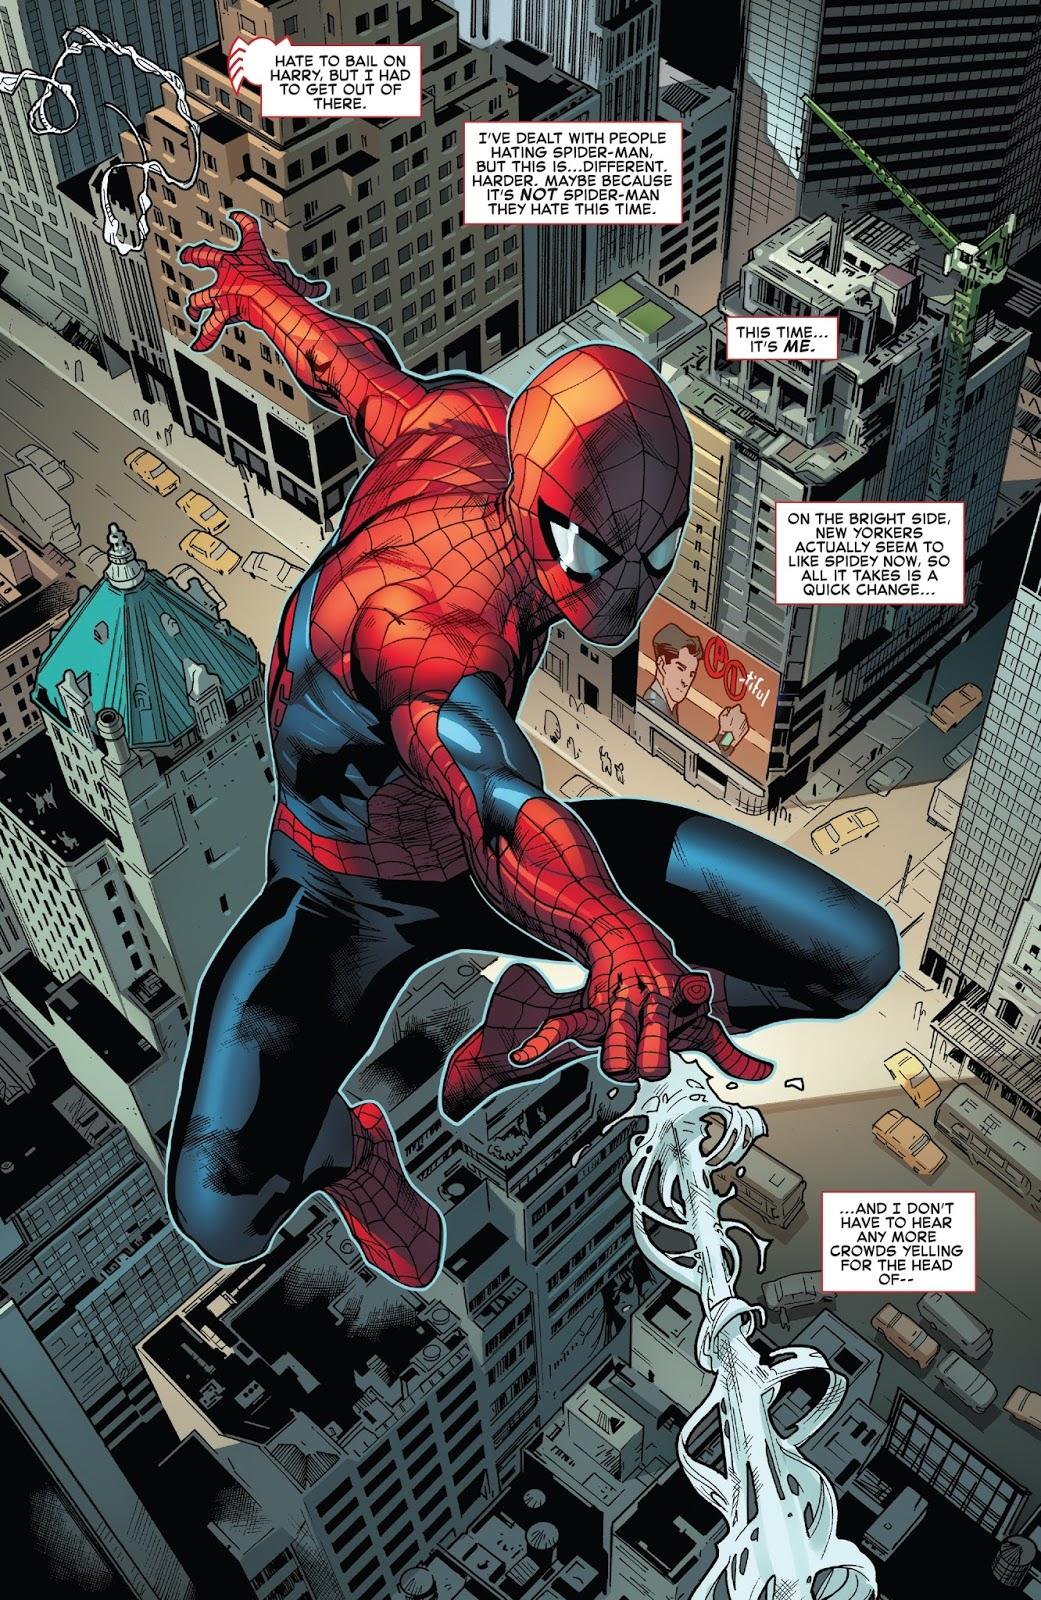 Amazing Spider-man Vol 1 #790